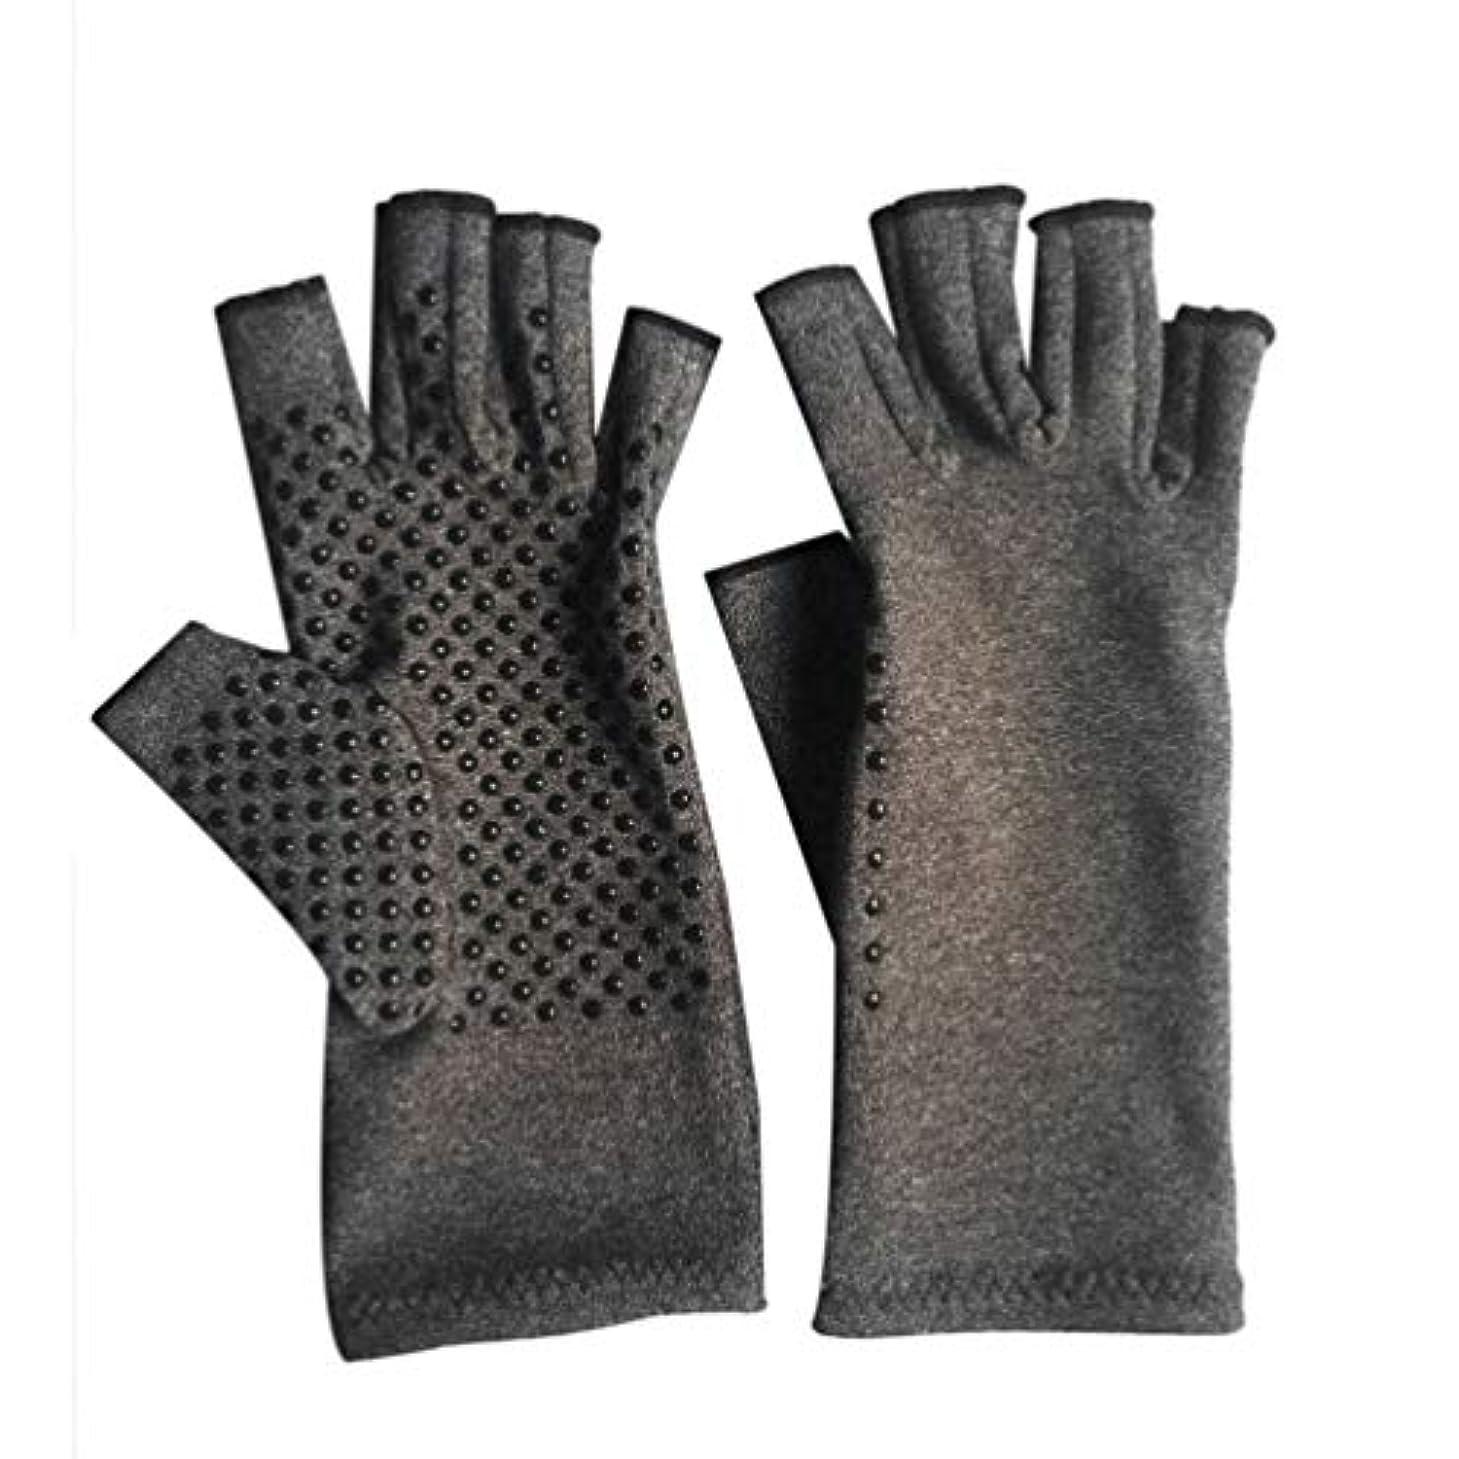 頑丈シンポジウムバトル1ペアユニセックス男性女性療法圧縮手袋関節炎関節痛緩和ヘルスケア半指手袋トレーニング手袋 - グレーM